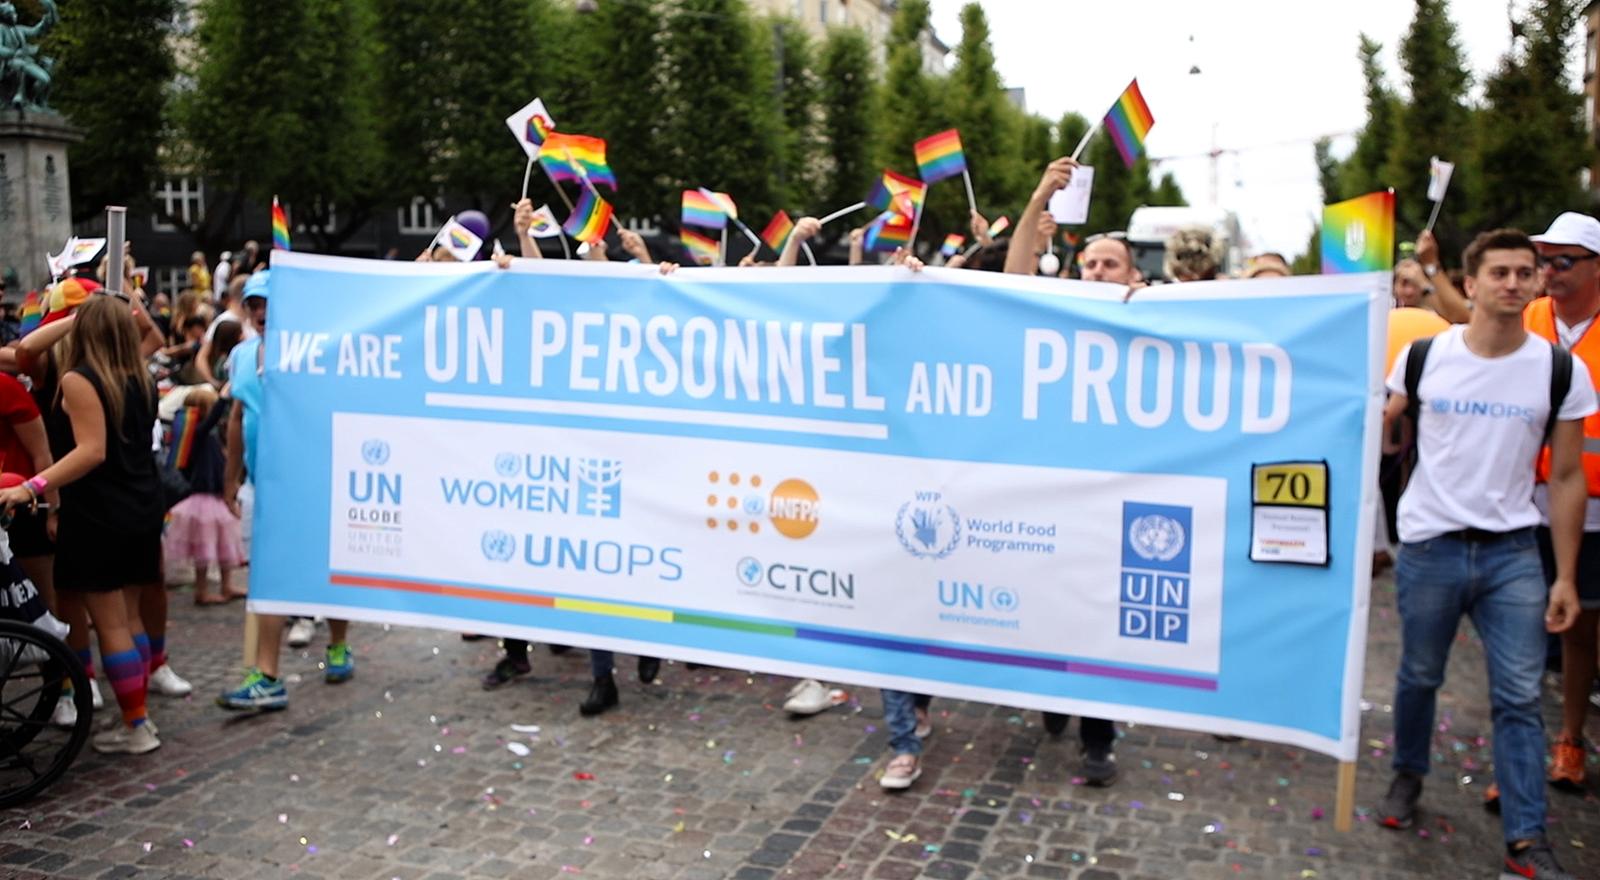 March with us in Copenhagen - Be #UNPersonnelProud!